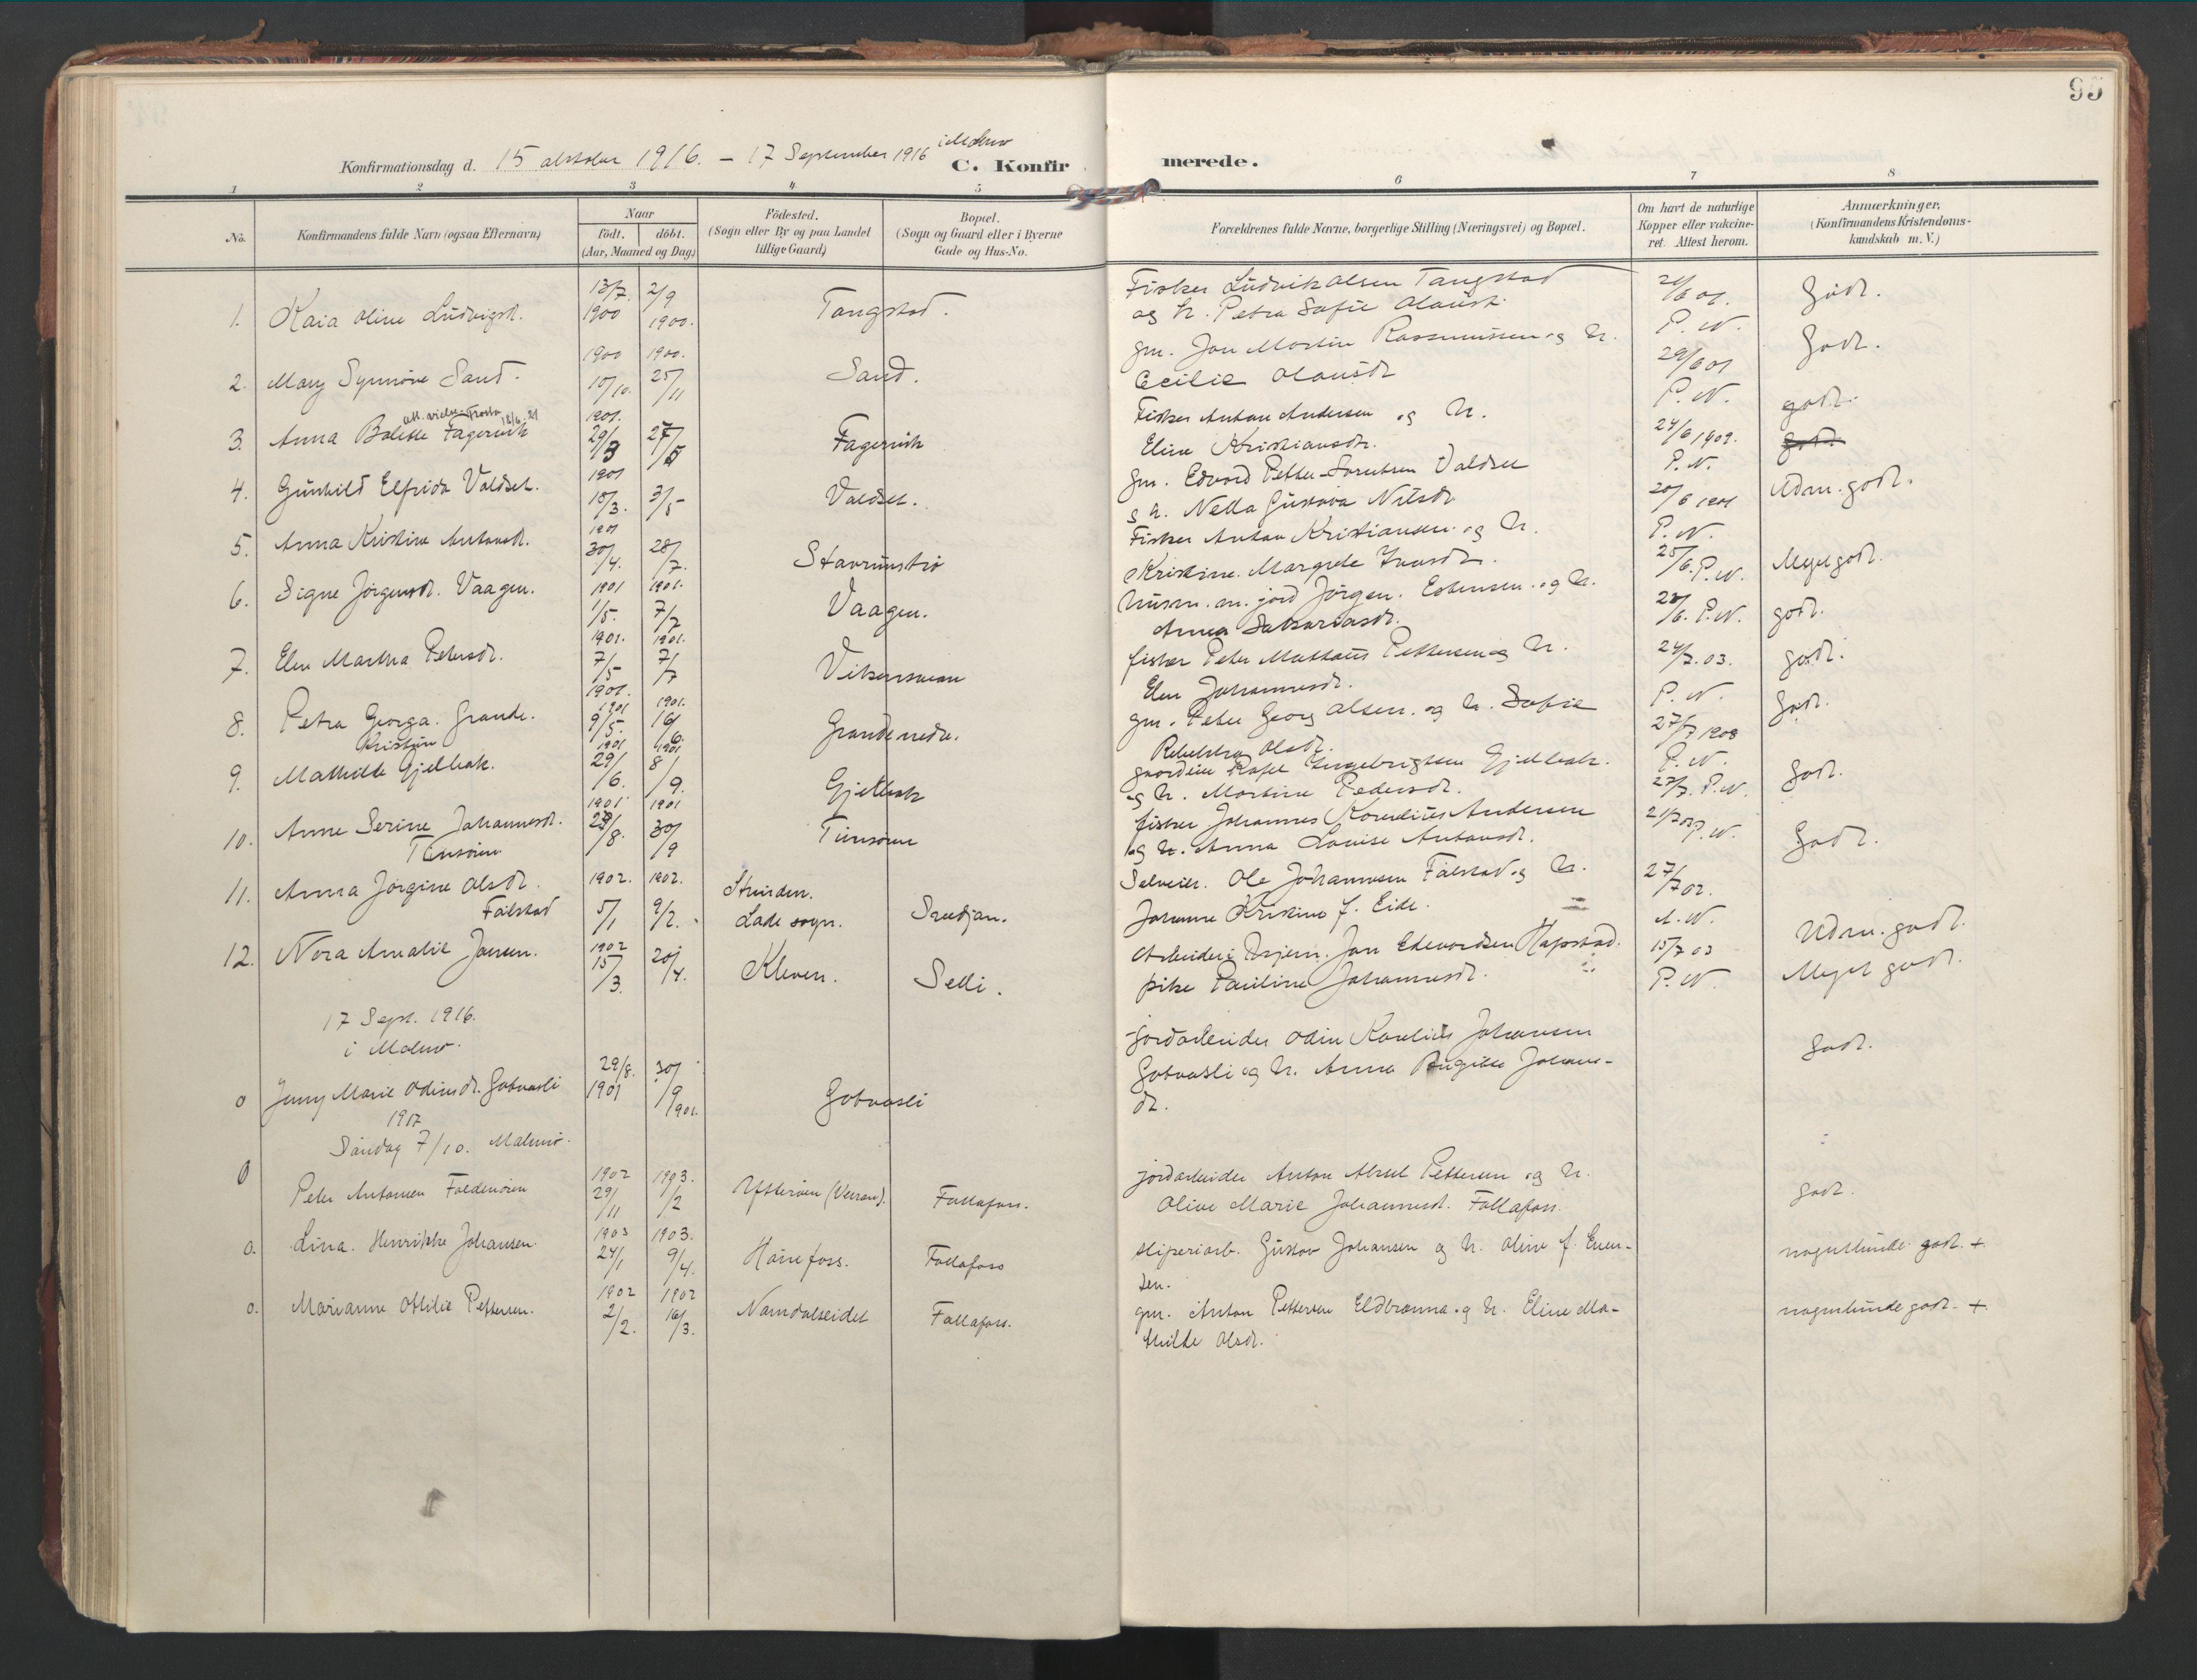 SAT, Ministerialprotokoller, klokkerbøker og fødselsregistre - Nord-Trøndelag, 744/L0421: Ministerialbok nr. 744A05, 1905-1930, s. 95